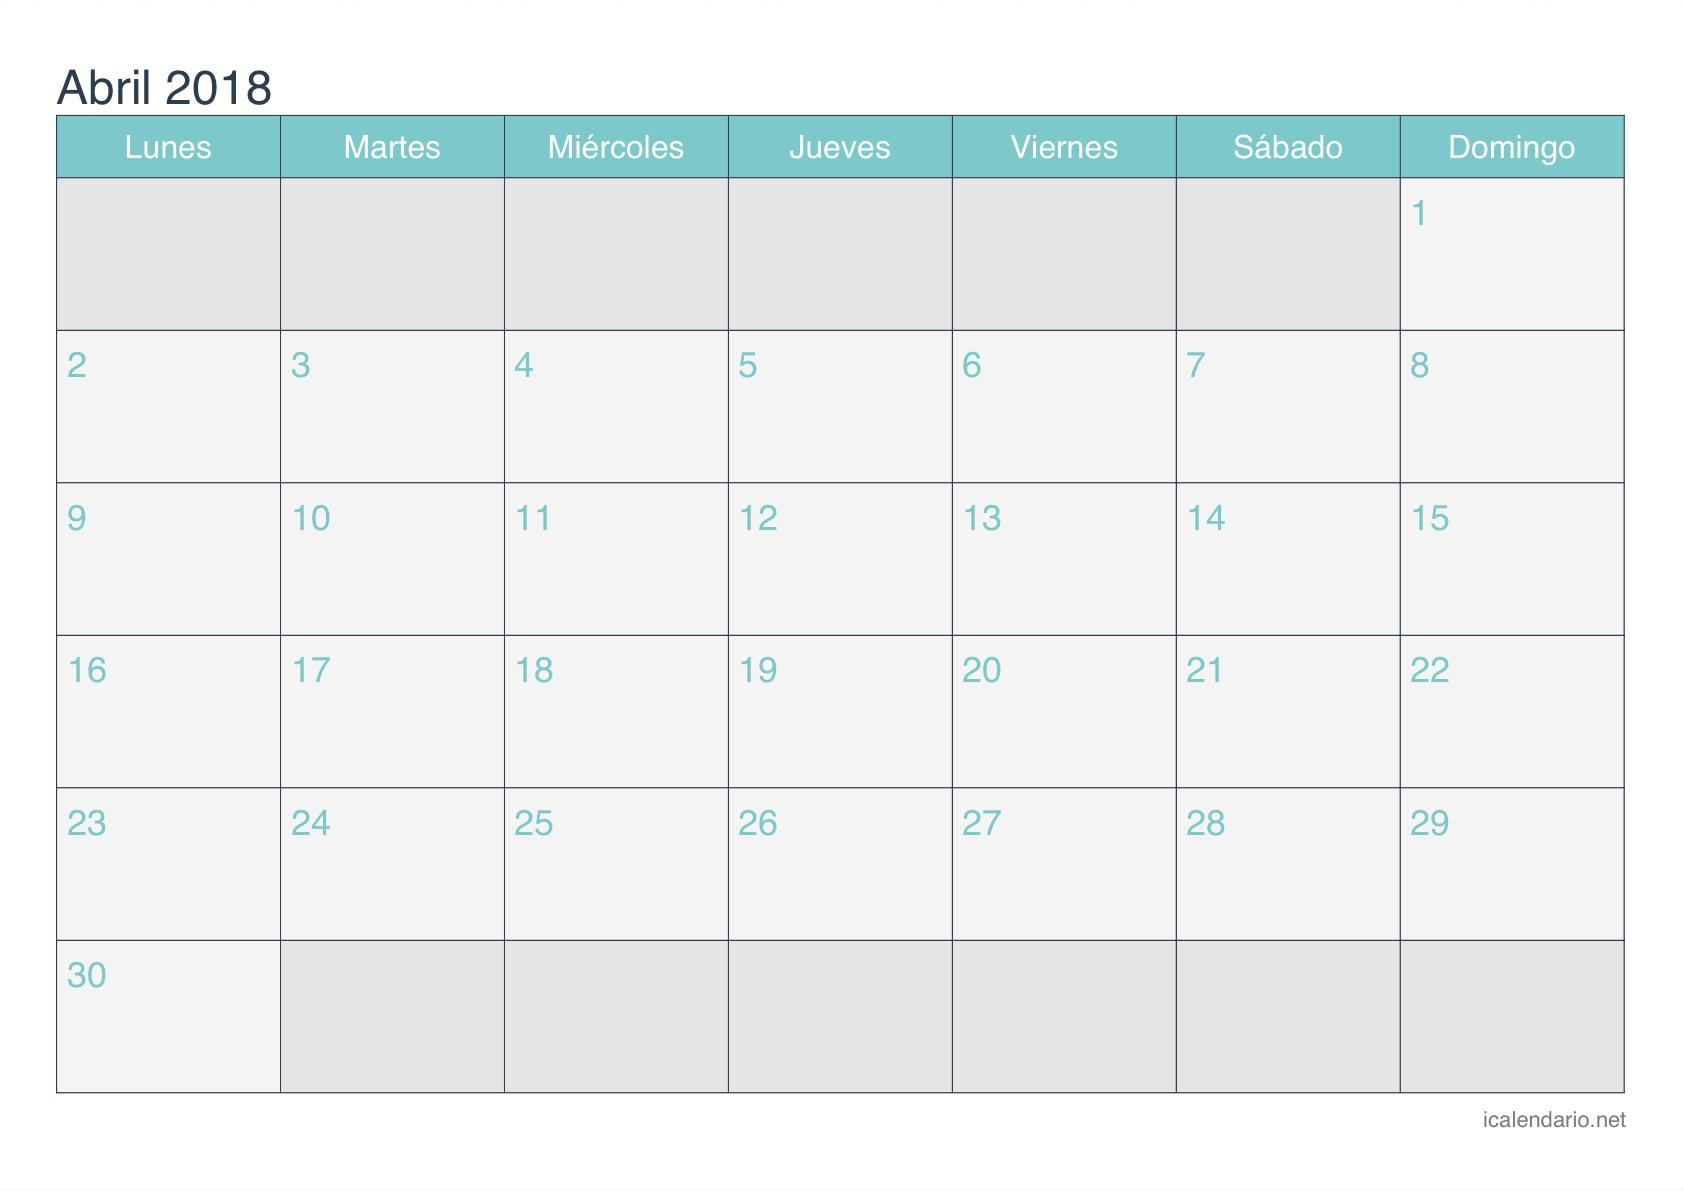 Calendario 2018 abril